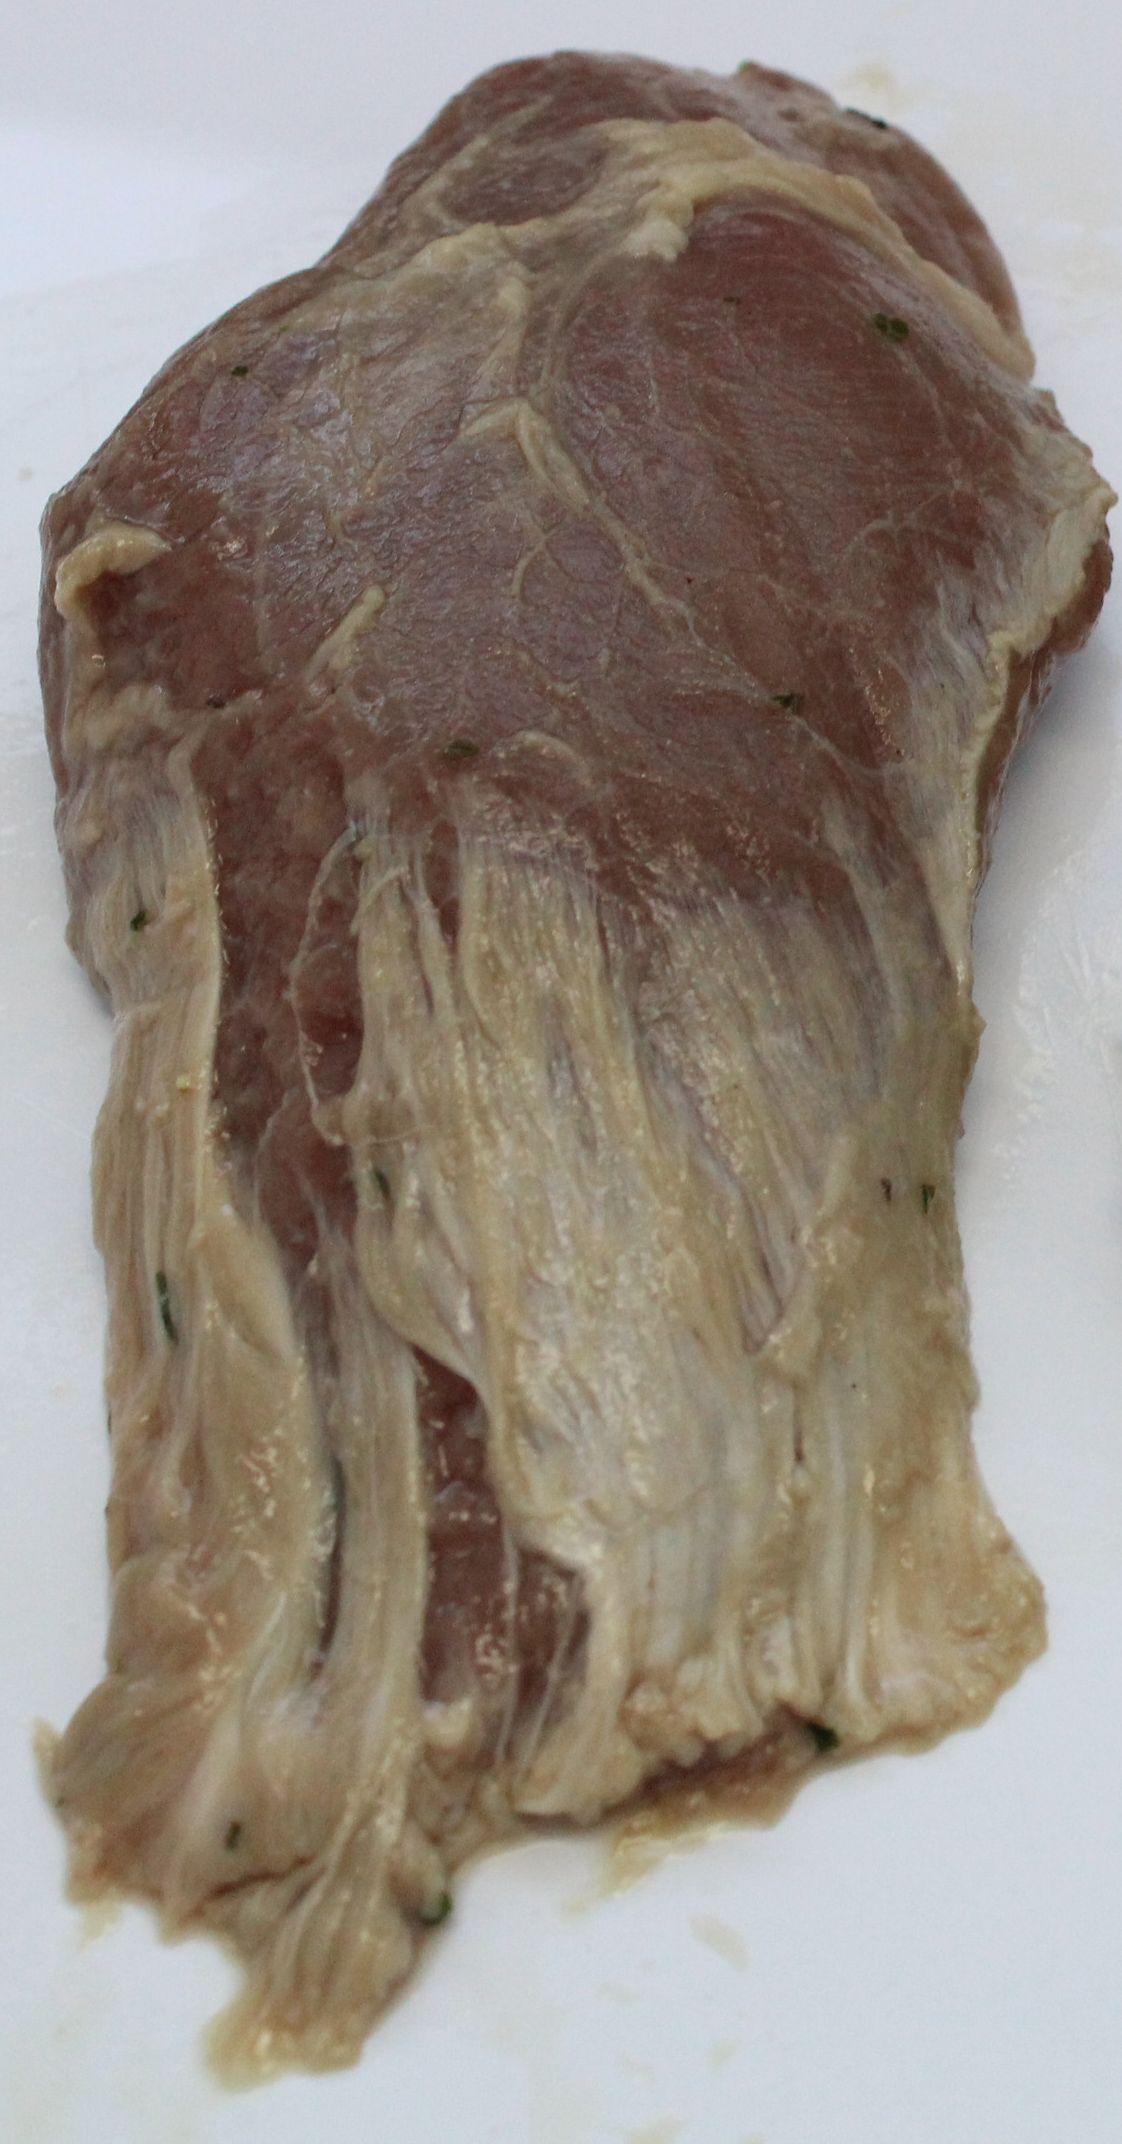 Das Foto zeigt ein Fleischstück vom Lamm, das als Steak bezeichnet wurde, aber die Qualität für diese Bezeichnung nicht aufwies: rundlich geformtes Fleischstück ohne Scheibencharakter, Muskelfaser längs statt quer zum Fleischstück verlaufend und reichlich Sehnen.